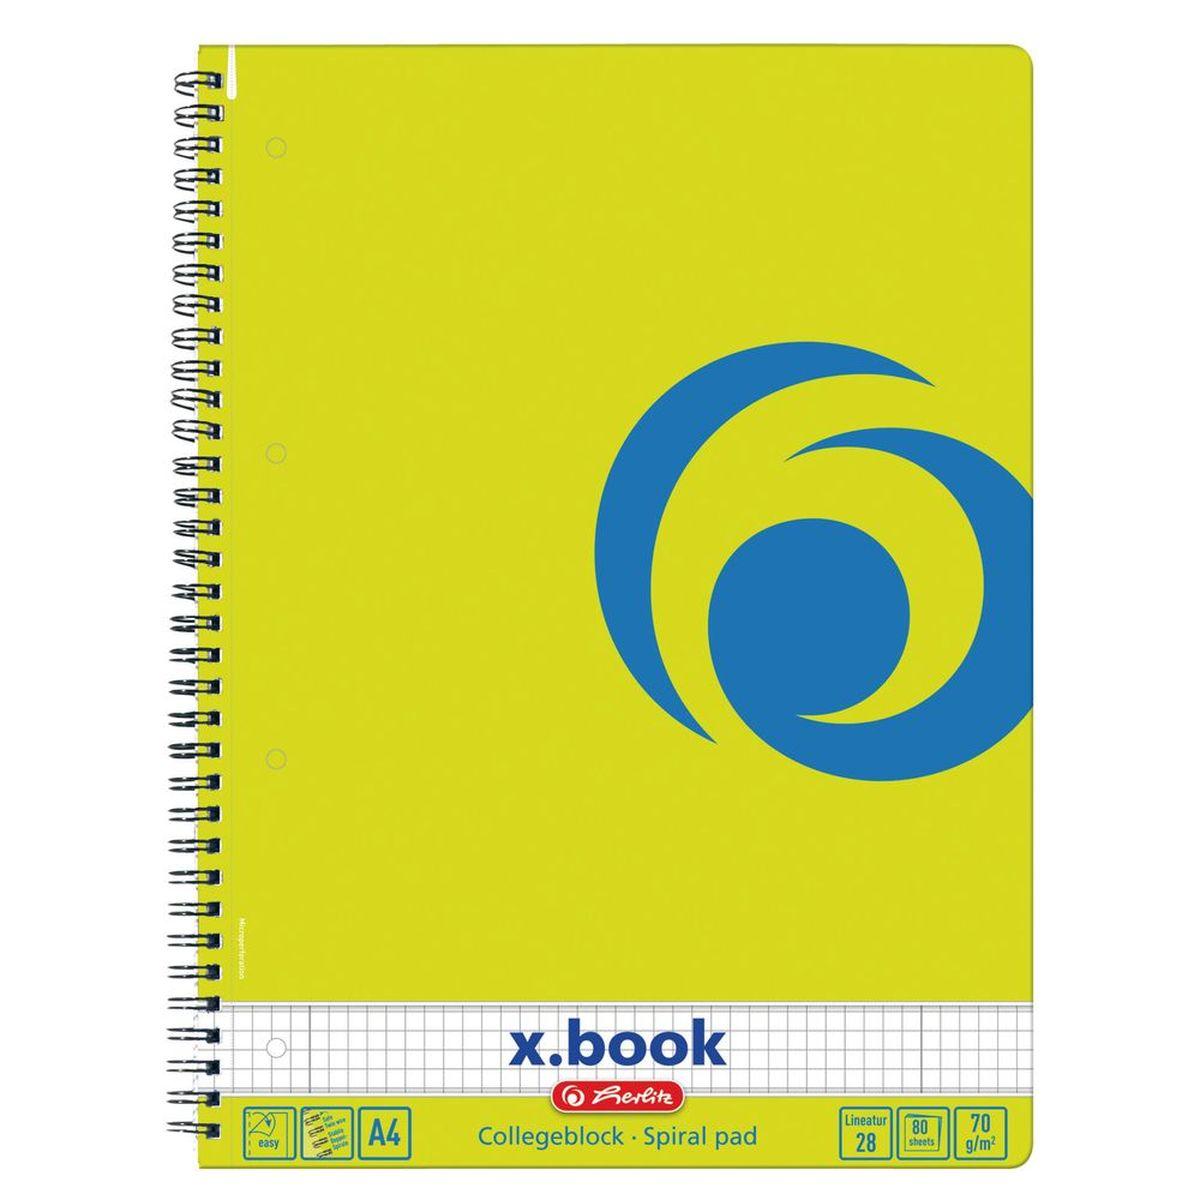 Herlitz Блокнот x.book Лимон 80 листов в клетку11365574Блокнот Herlitz серии x.book - ваш идеальный партнер для дома и отдыха. Благодаря разнообразию форм в четырех форматах от А4 до А7, x.book пригодится в любой ситуации и поднимет настроение благодаря веселым расцветкам, например, солнечный желтый, яркий красный, сочный зеленый и сияющий синий.Блокнот содержит 80 листов формата А4 в клетку с полями. Обложка выполнена из качественного ламинированного картона. Внутренний спиральный блок изготовлен из металла и гарантирует надежное крепление листов.Блокнот для записей от Herlitzстанет достойным аксессуаром среди ваших канцелярских принадлежностей. Это отличный подарок как коллеге или деловому партнеру, так и близким людям.